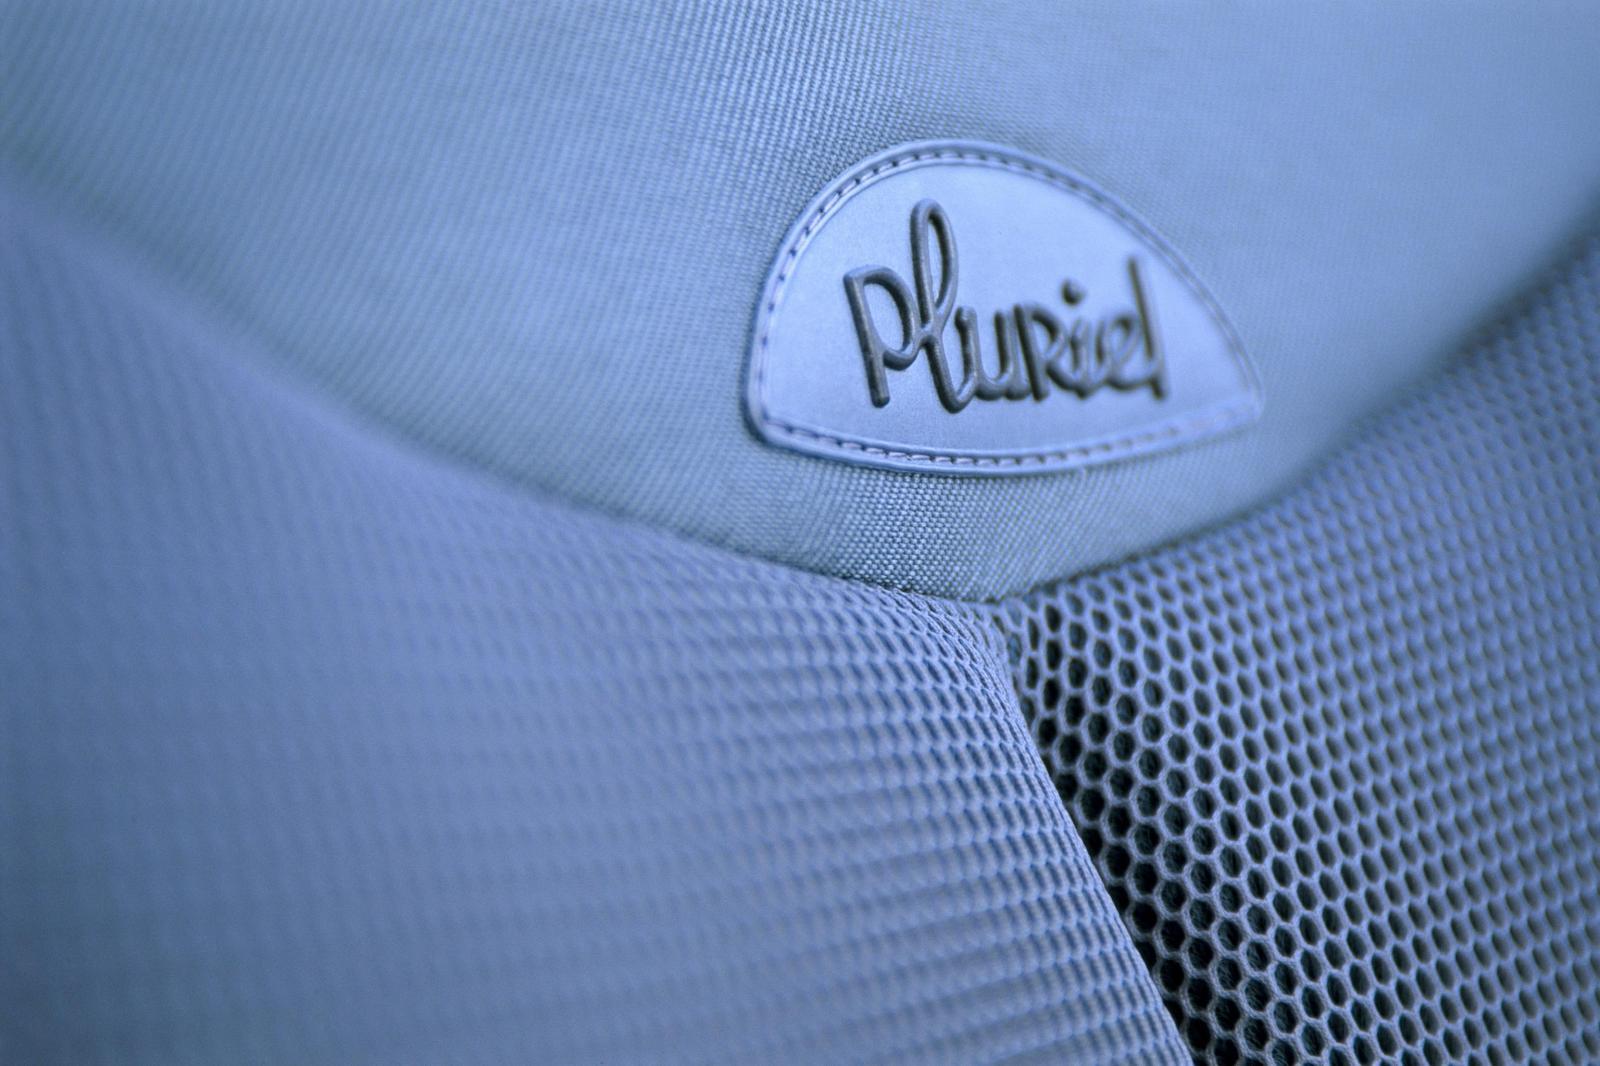 C3 Pluriel 2002 logo de siège